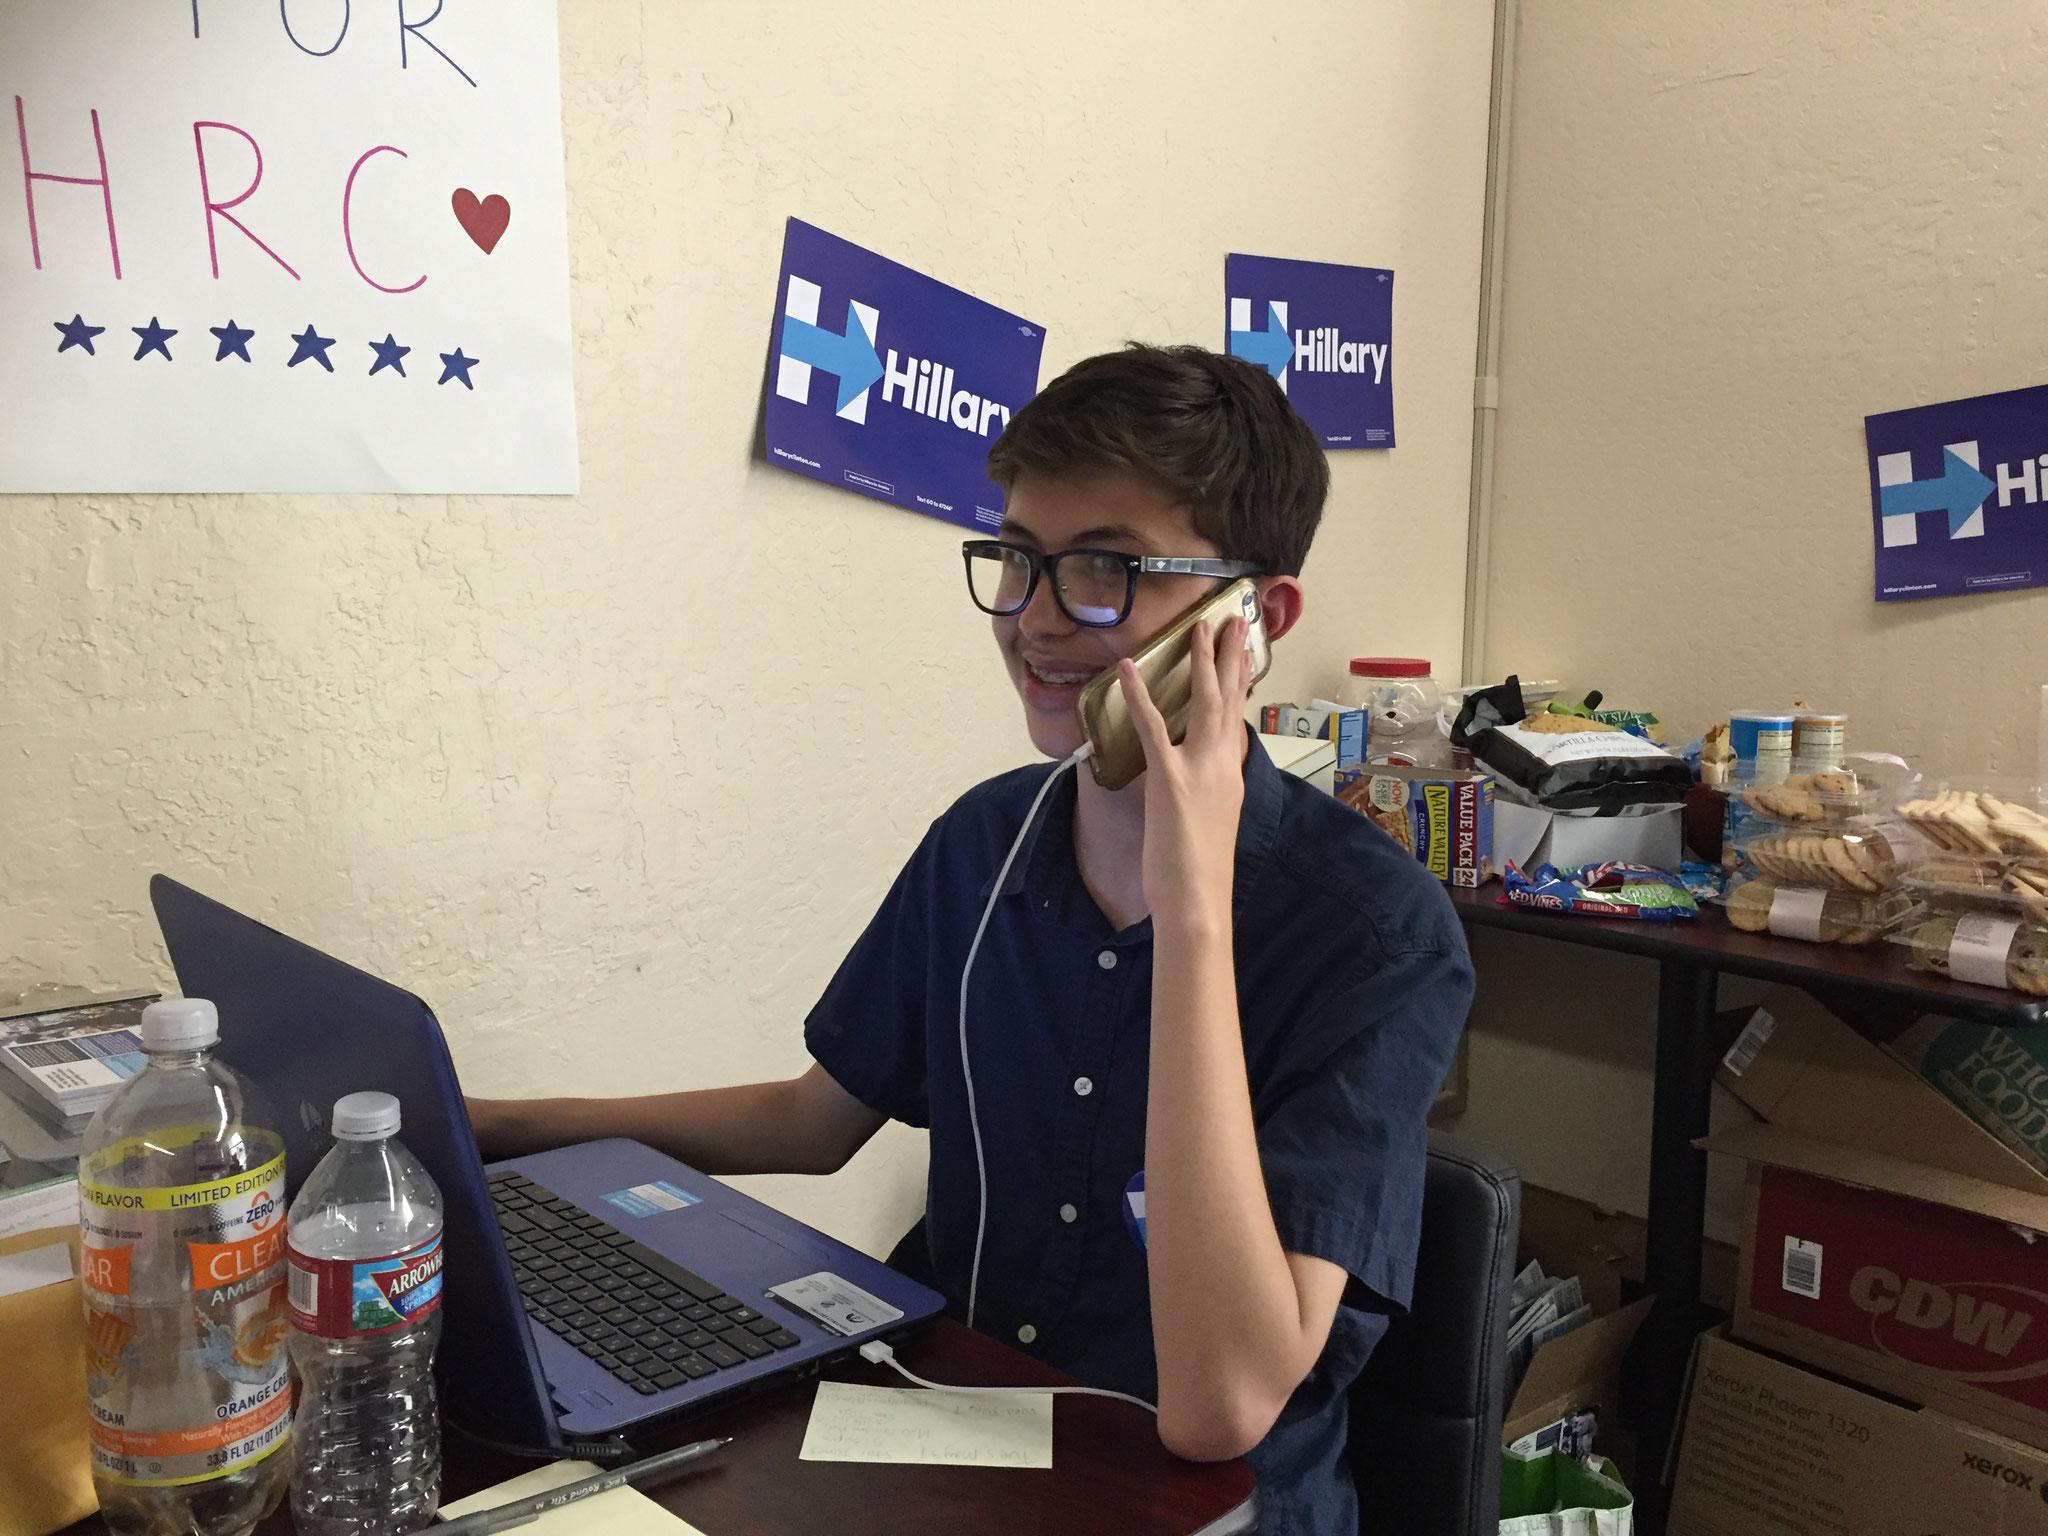 Charlie Heiting, 15 und Zahnspangenträger, ist vielleicht Hillary Clintons jüngster Wahlkampfhelfer